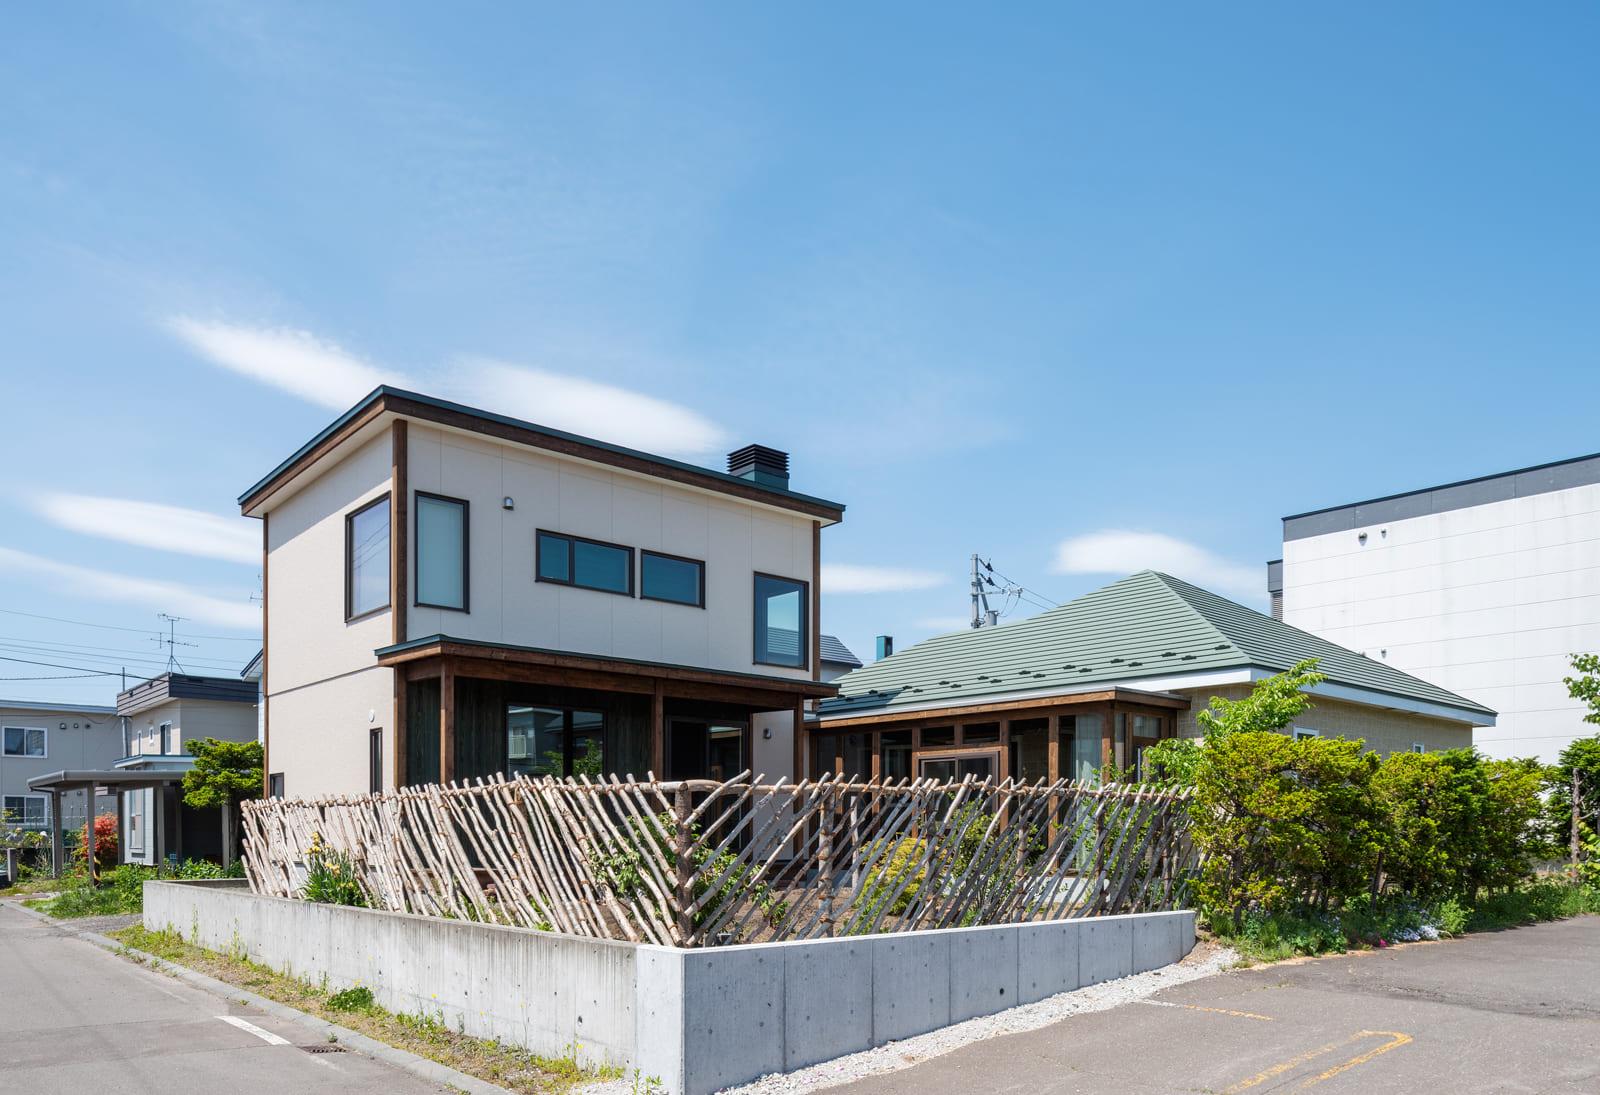 2棟の建物がさりげなく調和するNさんご一家の住まい。手前の木の塀は直接伐採してきてつくったお手製のもの